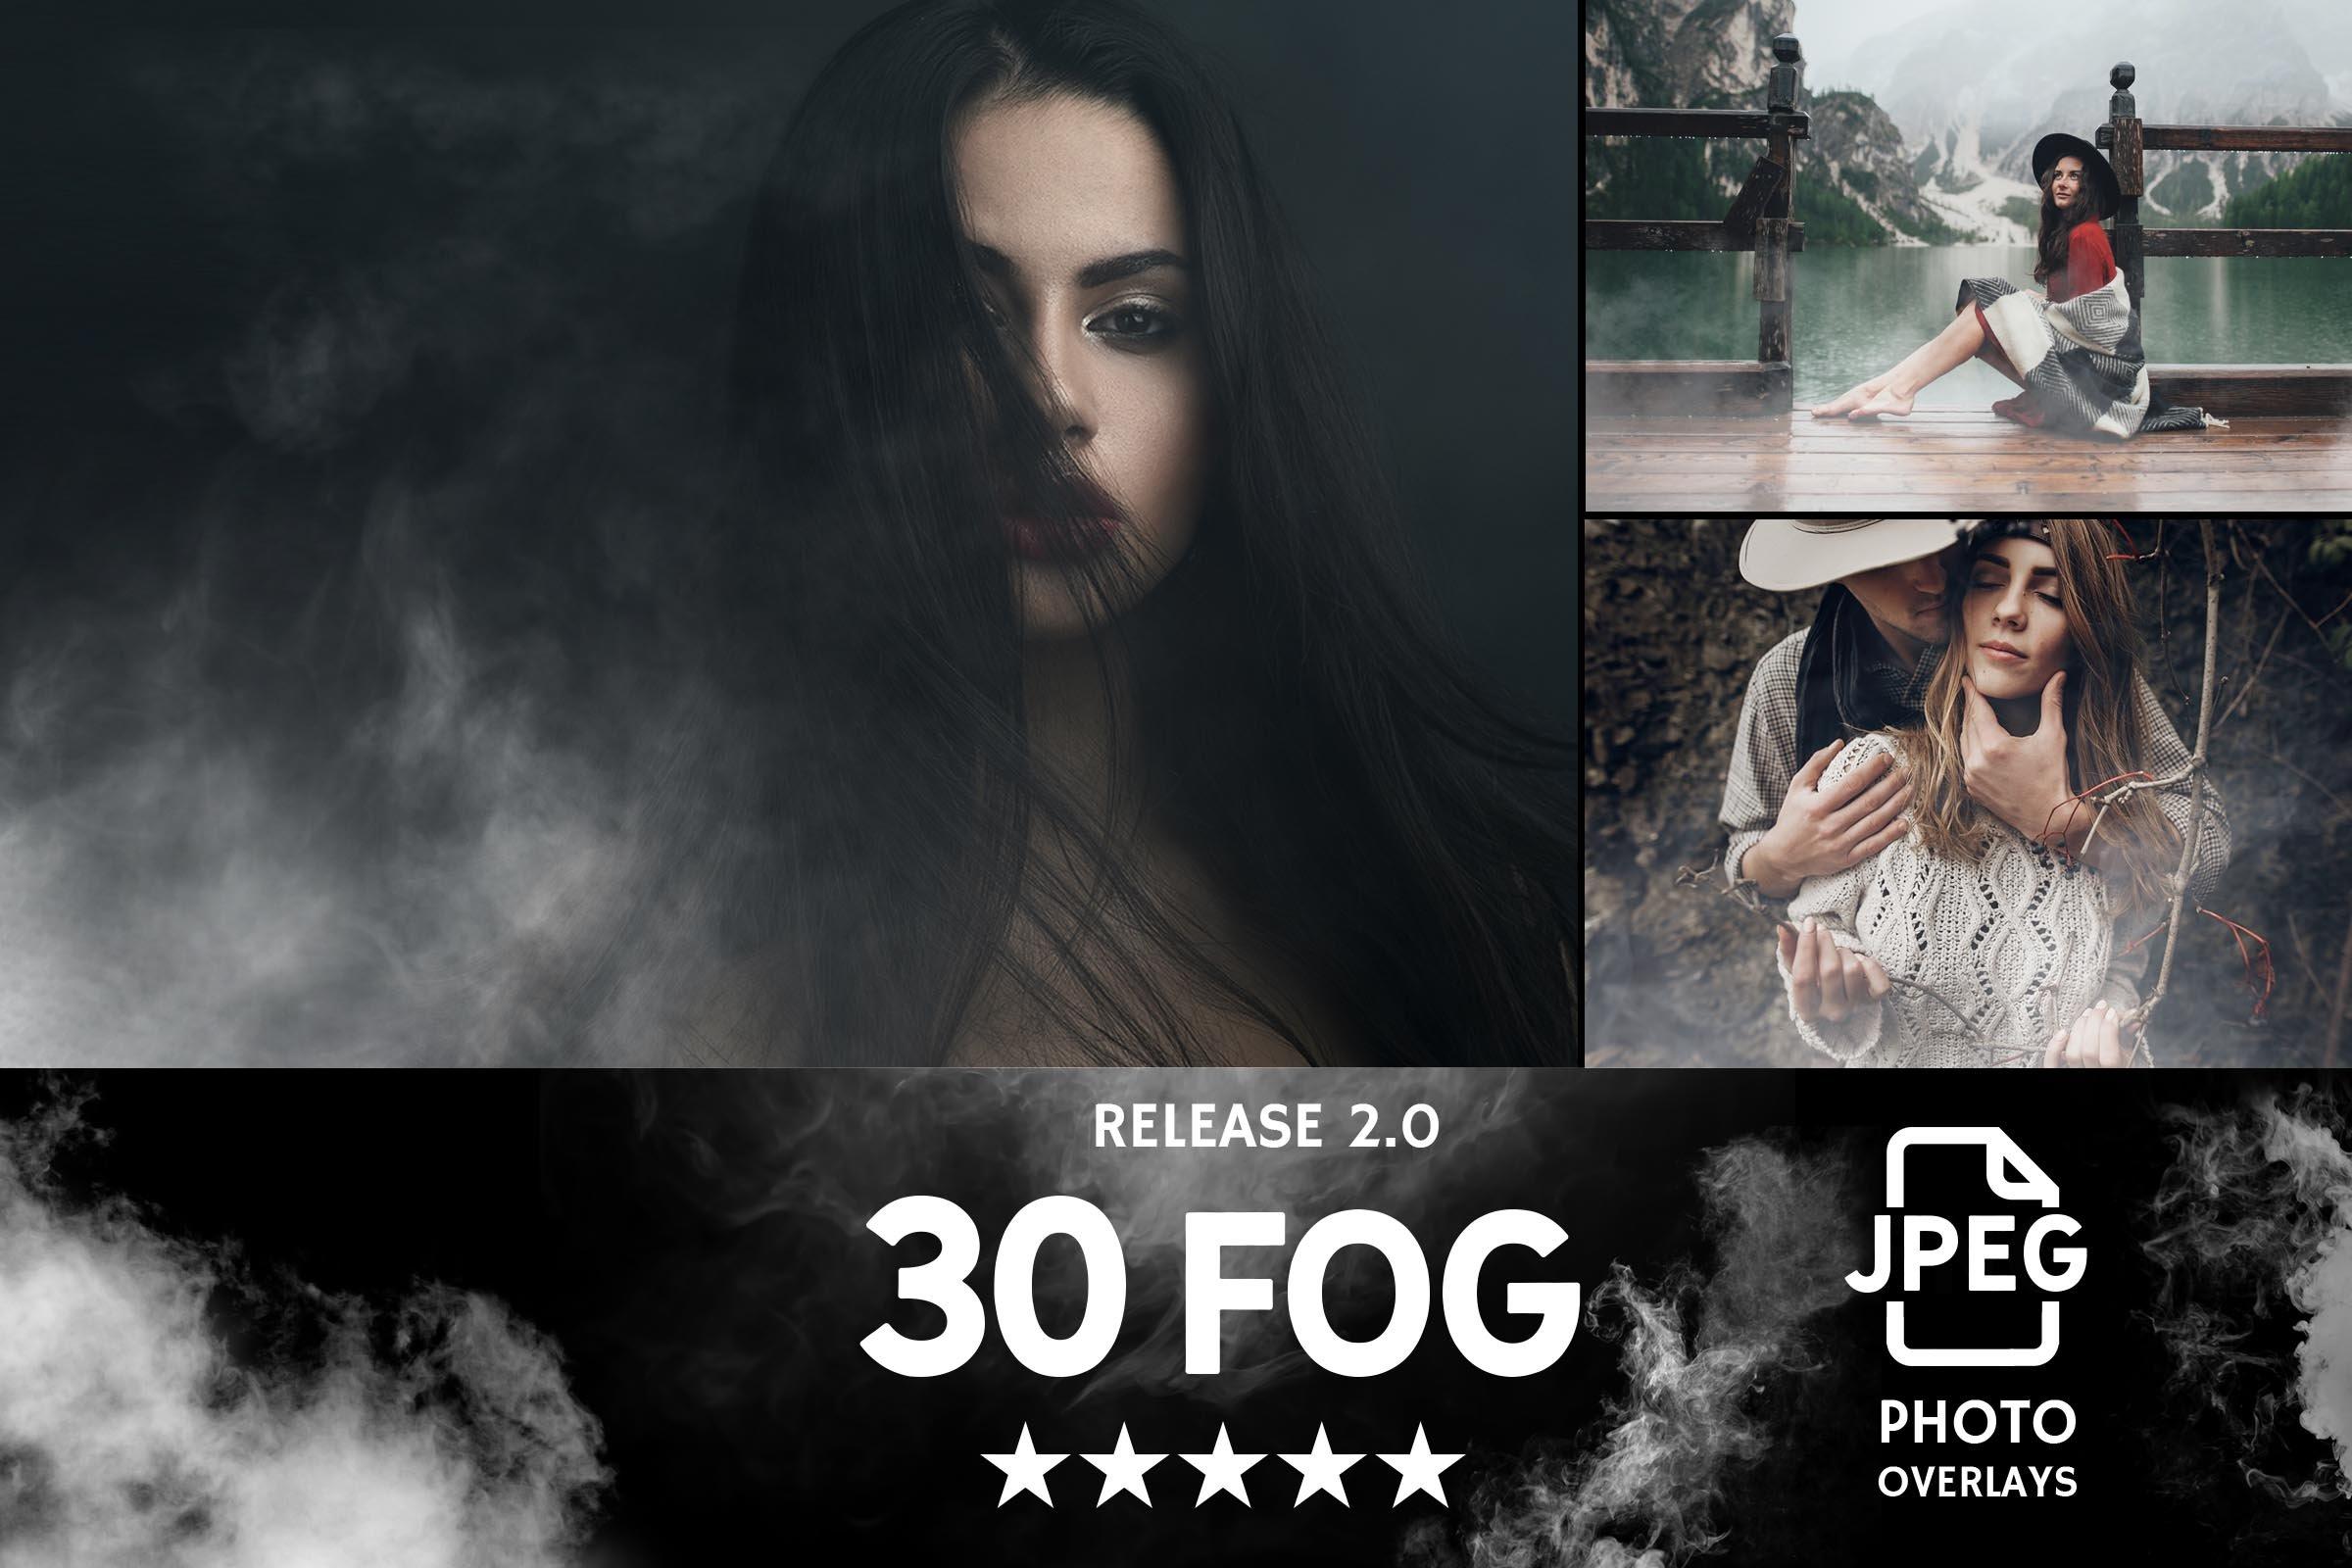 30张高清烟雾叠加层JPG图片素材 30 Fog Photo Overlays 2.0插图